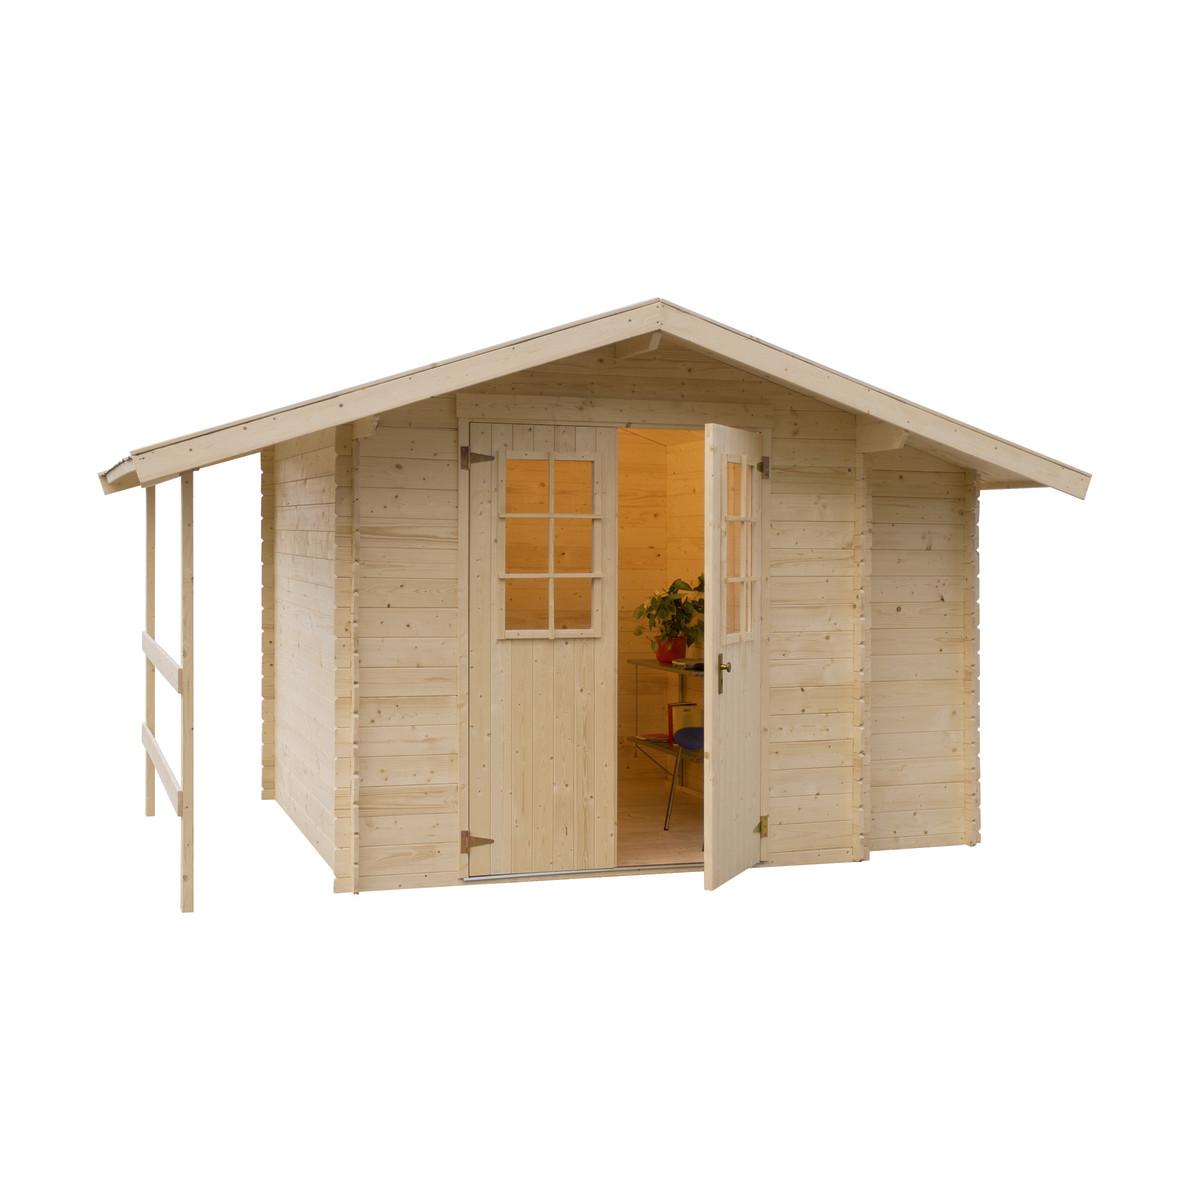 Casetta in legno oslo 362 x 263 cm spessore 19 mm prezzi for Offerte casette in legno